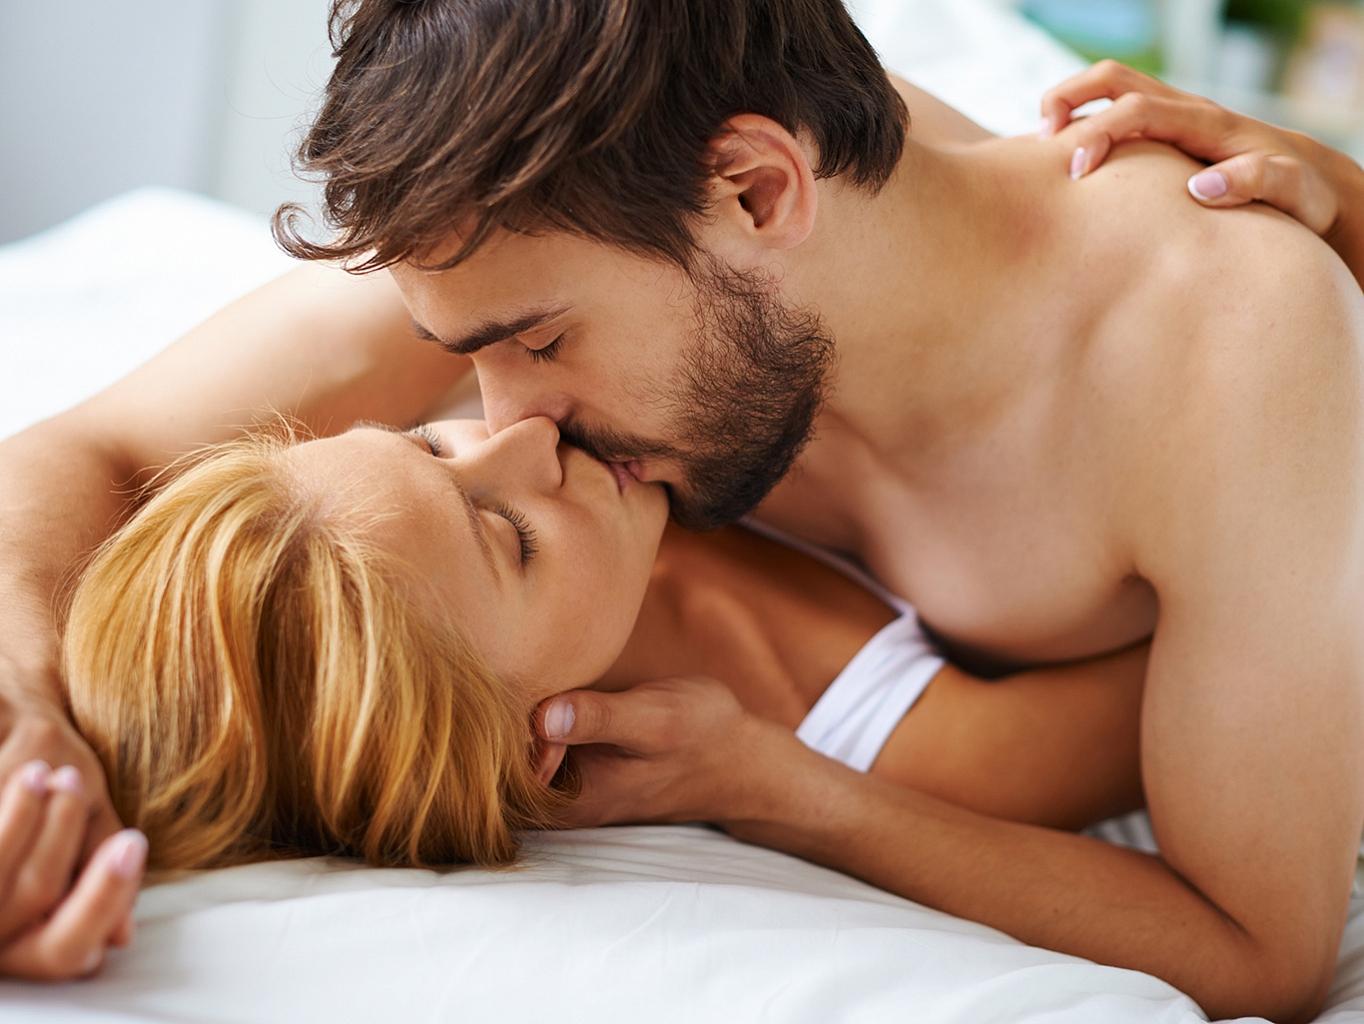 Секс секс секс сек, ебалово и порно! 7 фотография